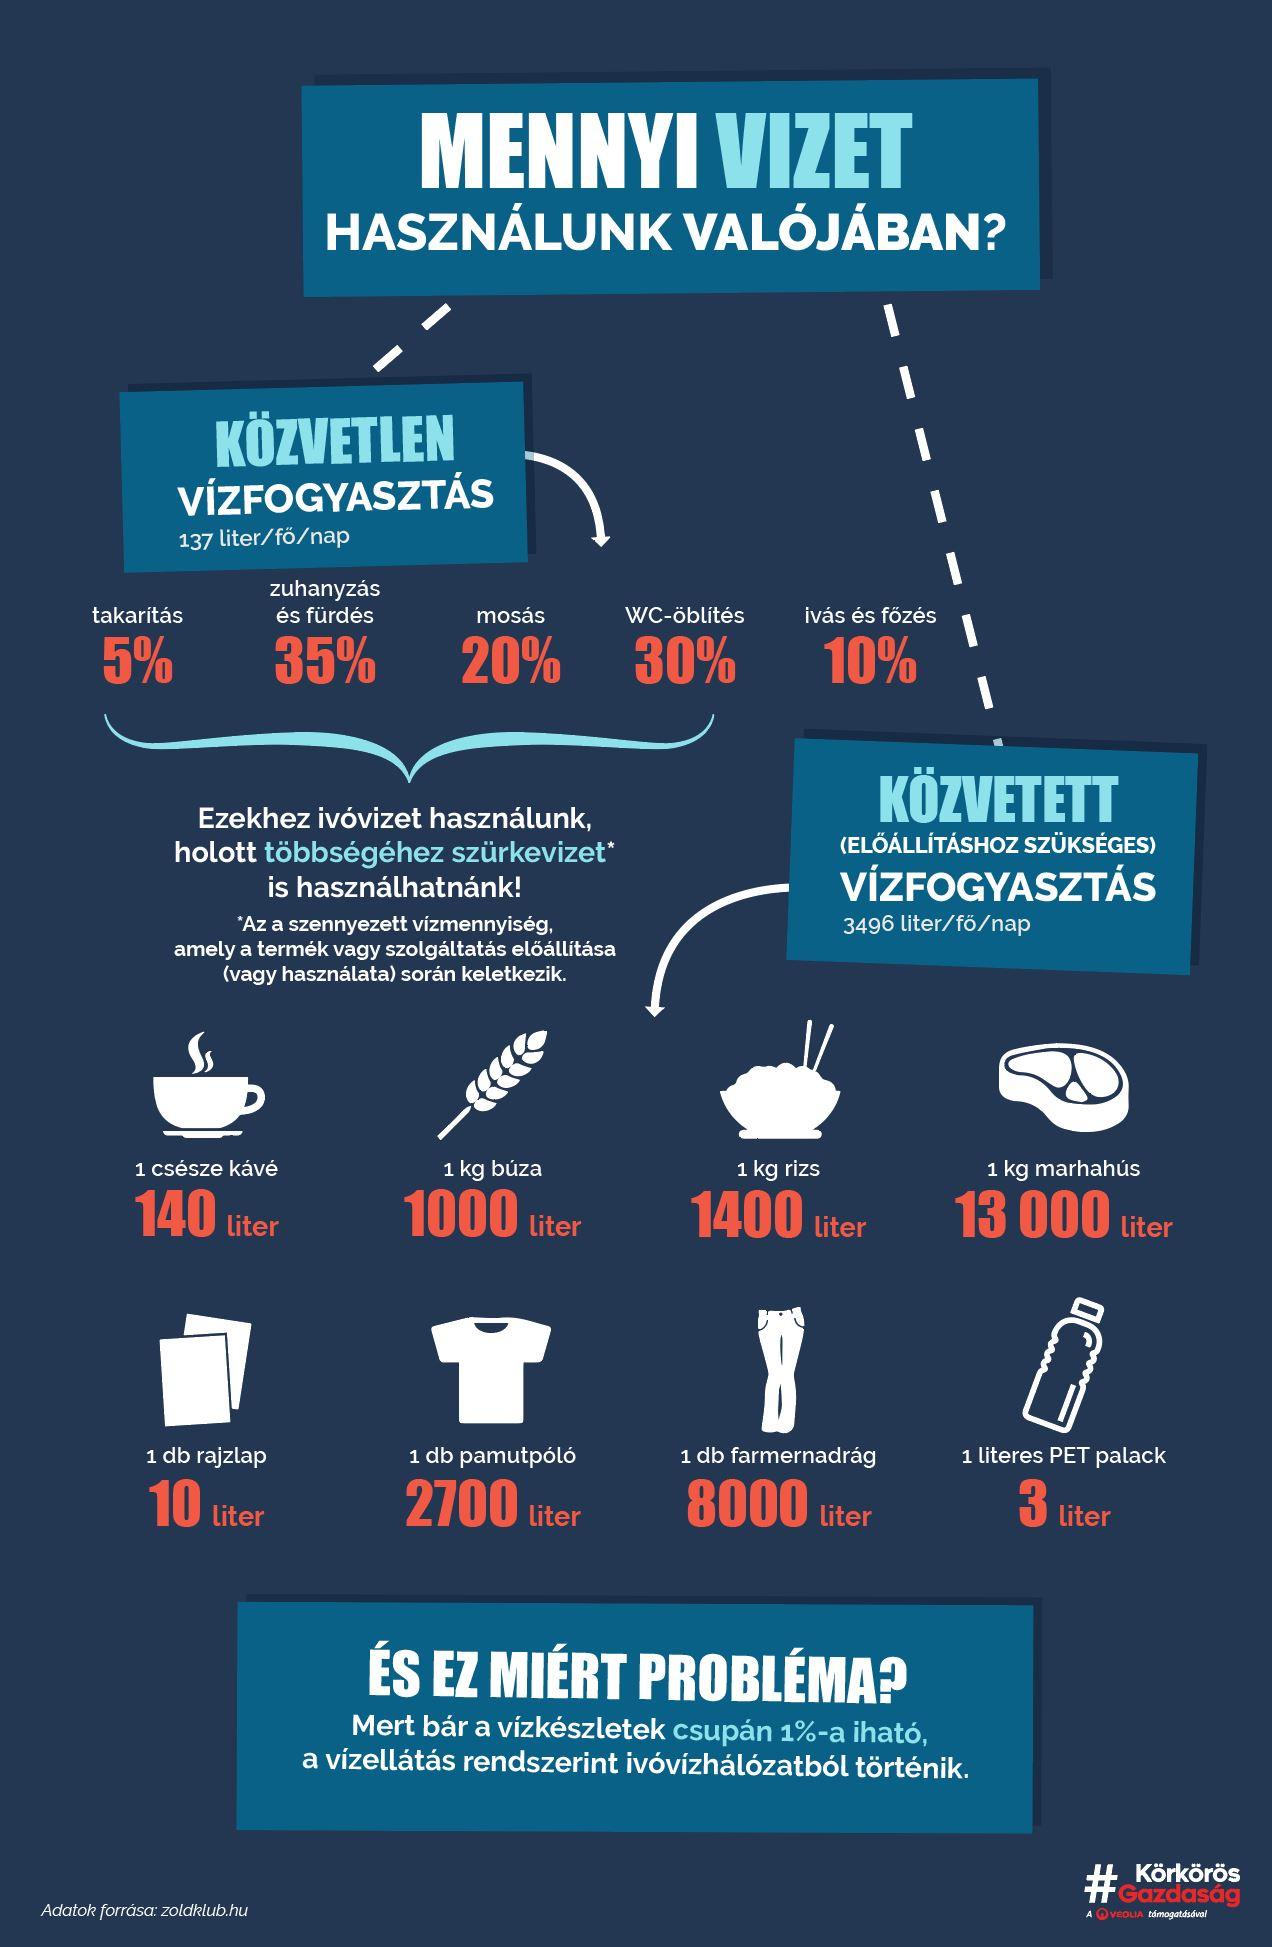 Valójában mennyi vizet használunk?